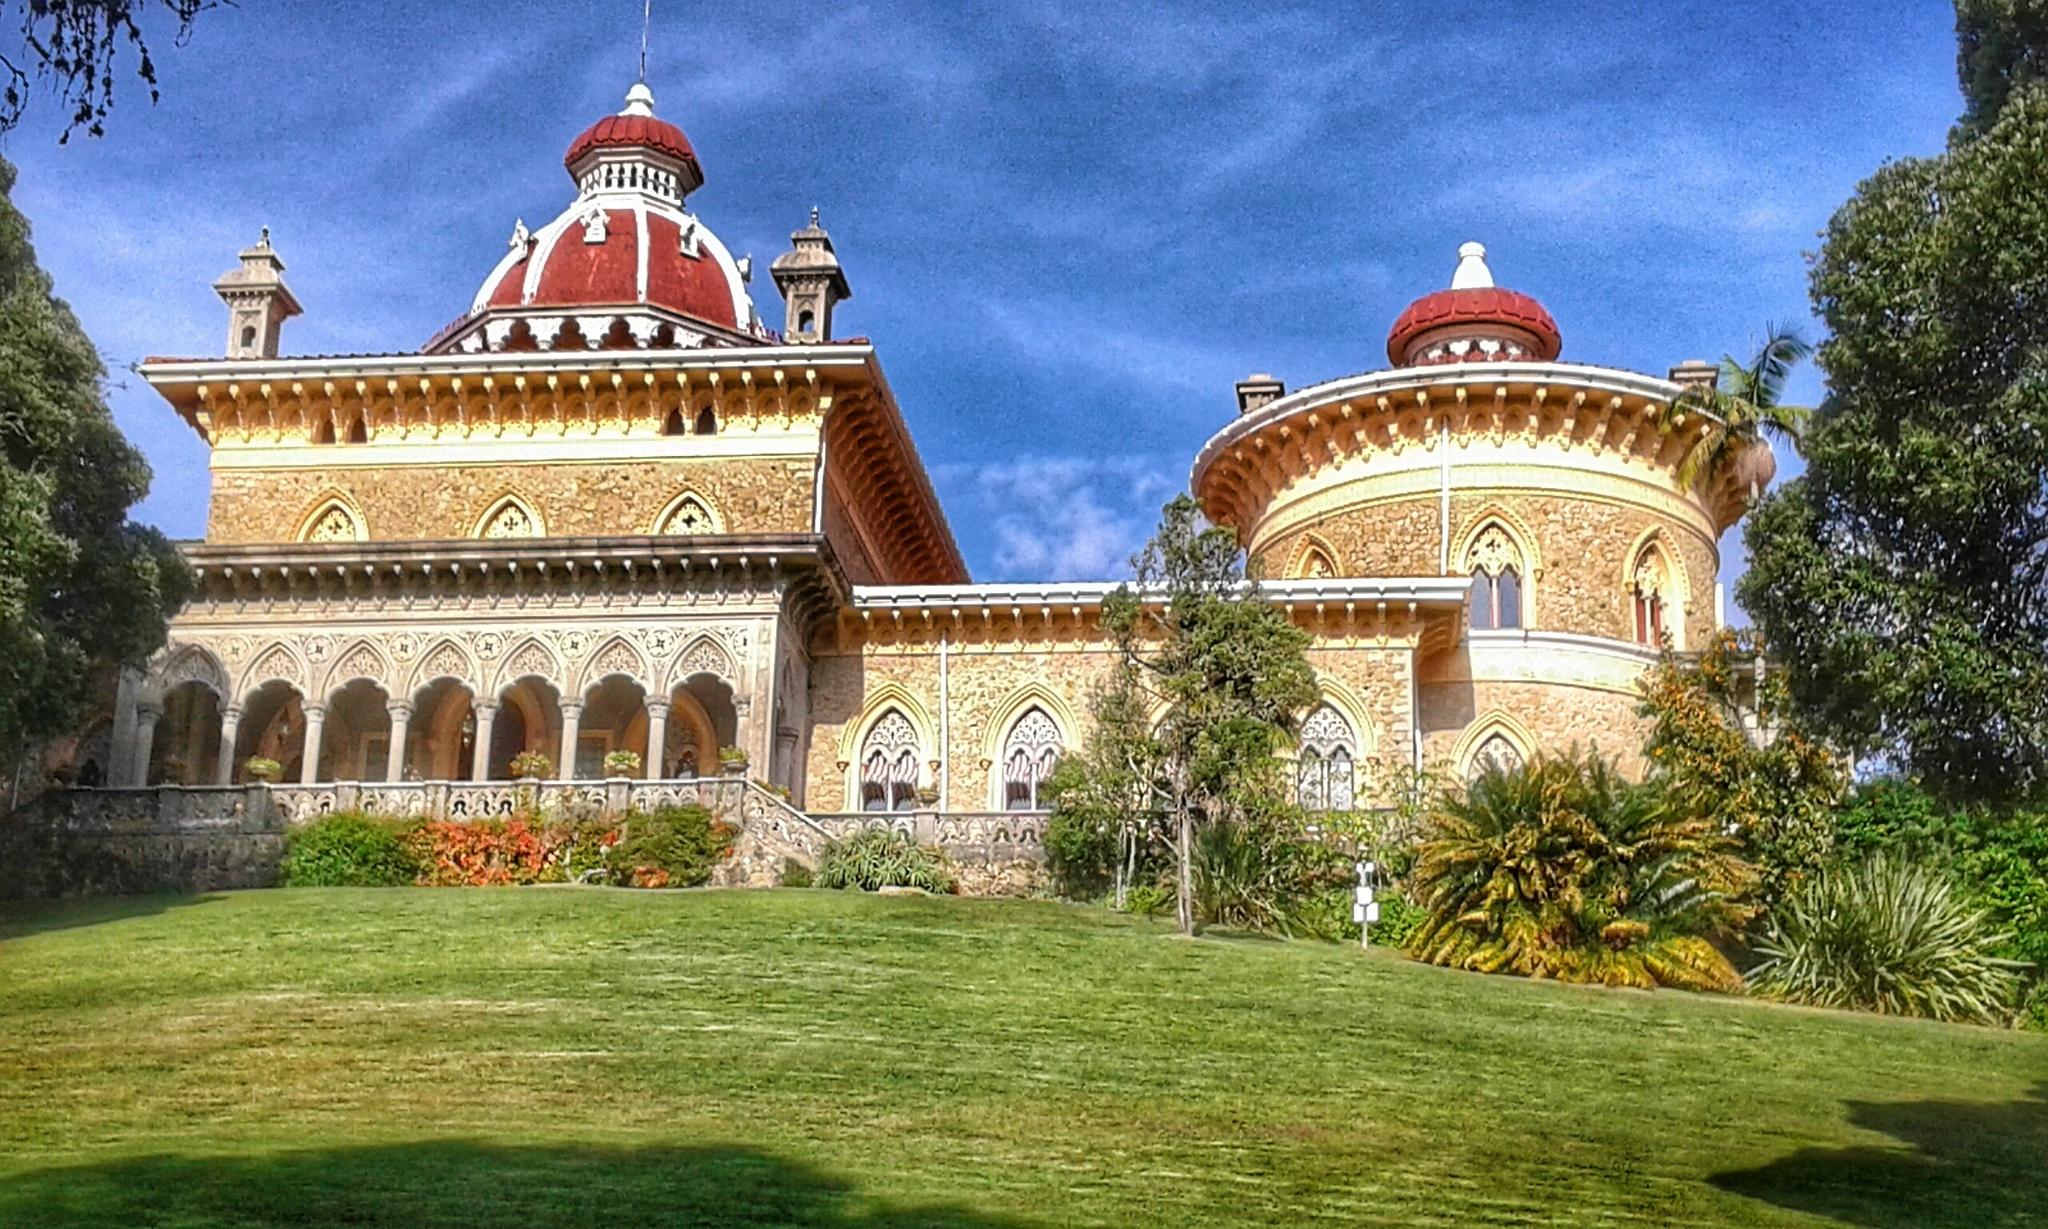 Monserrate Palace, Sintra by Jose Coelho